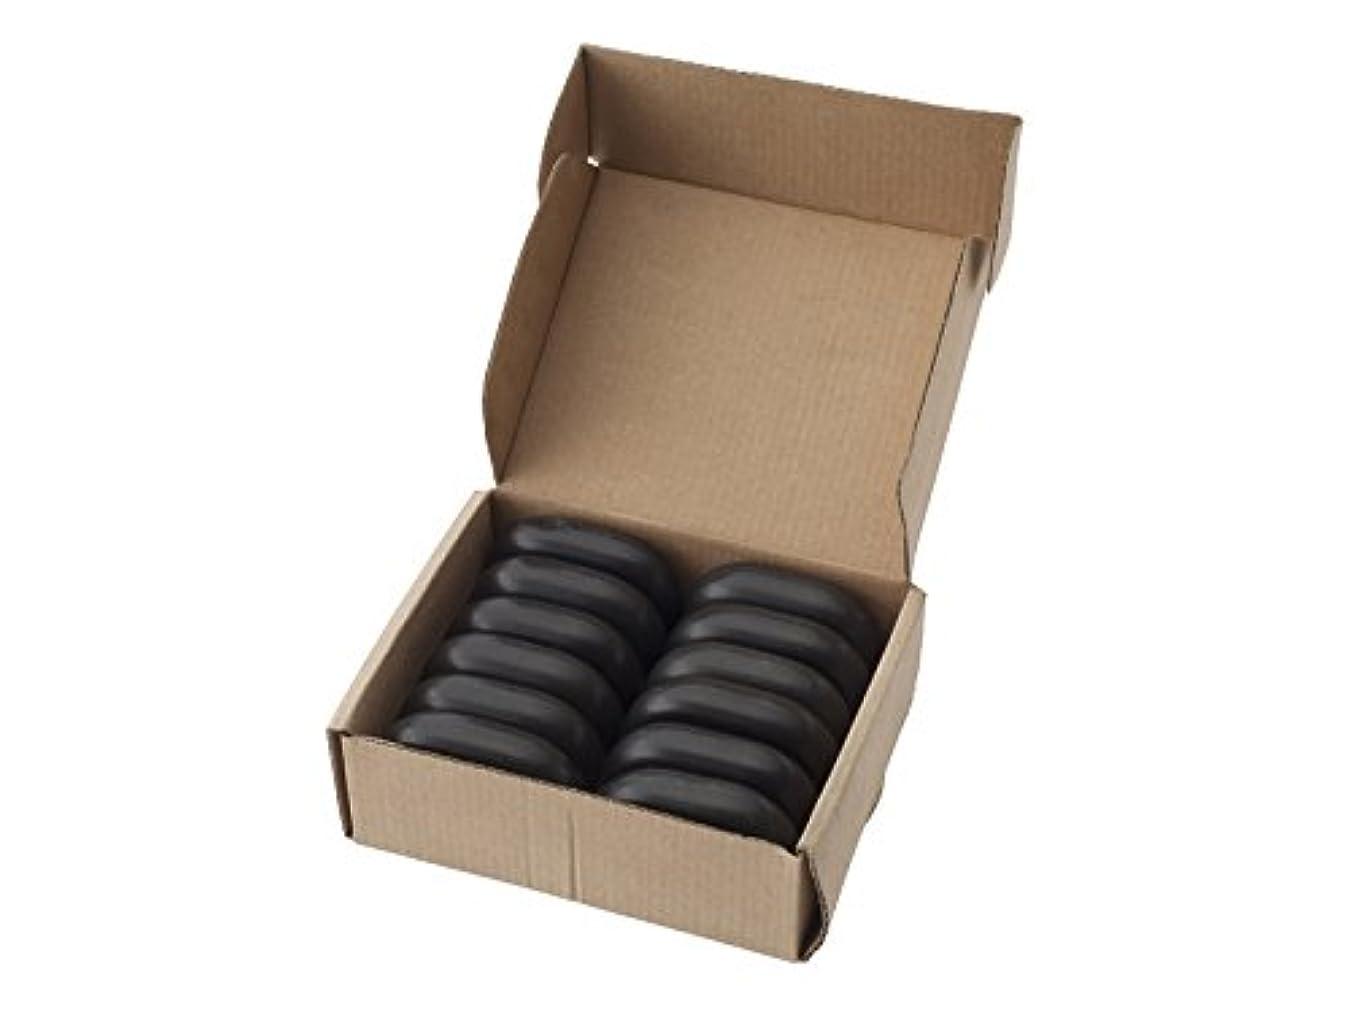 フィヨルド磁気第玄武岩 ホットストーン 中型(約6.5cm×約4.5cm×約1.7cm )12個セット